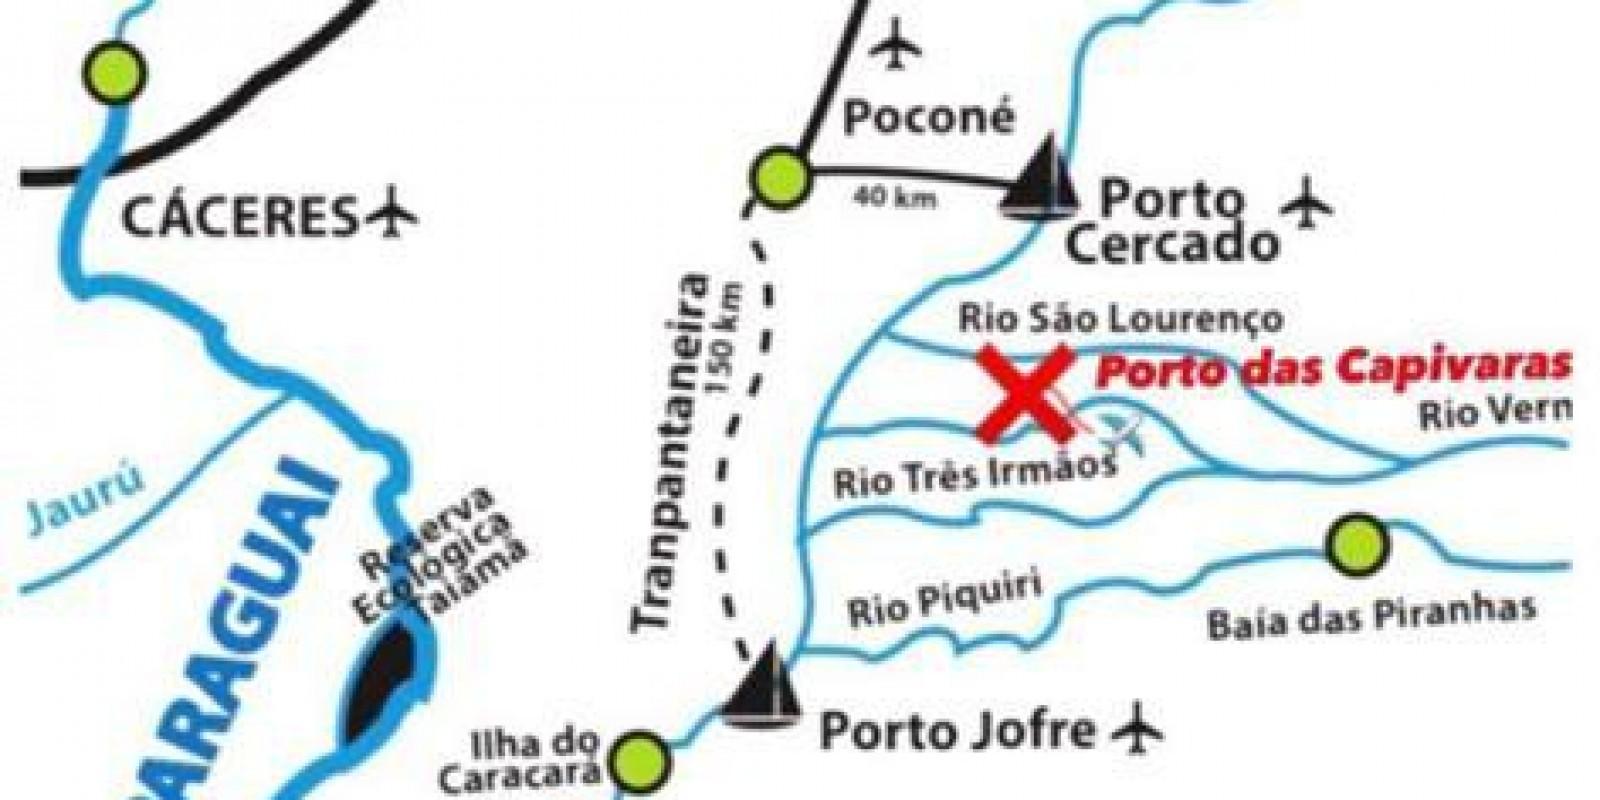 Pousada Porto das Capivaras - Rio Pirigara  - Foto 11 de 17